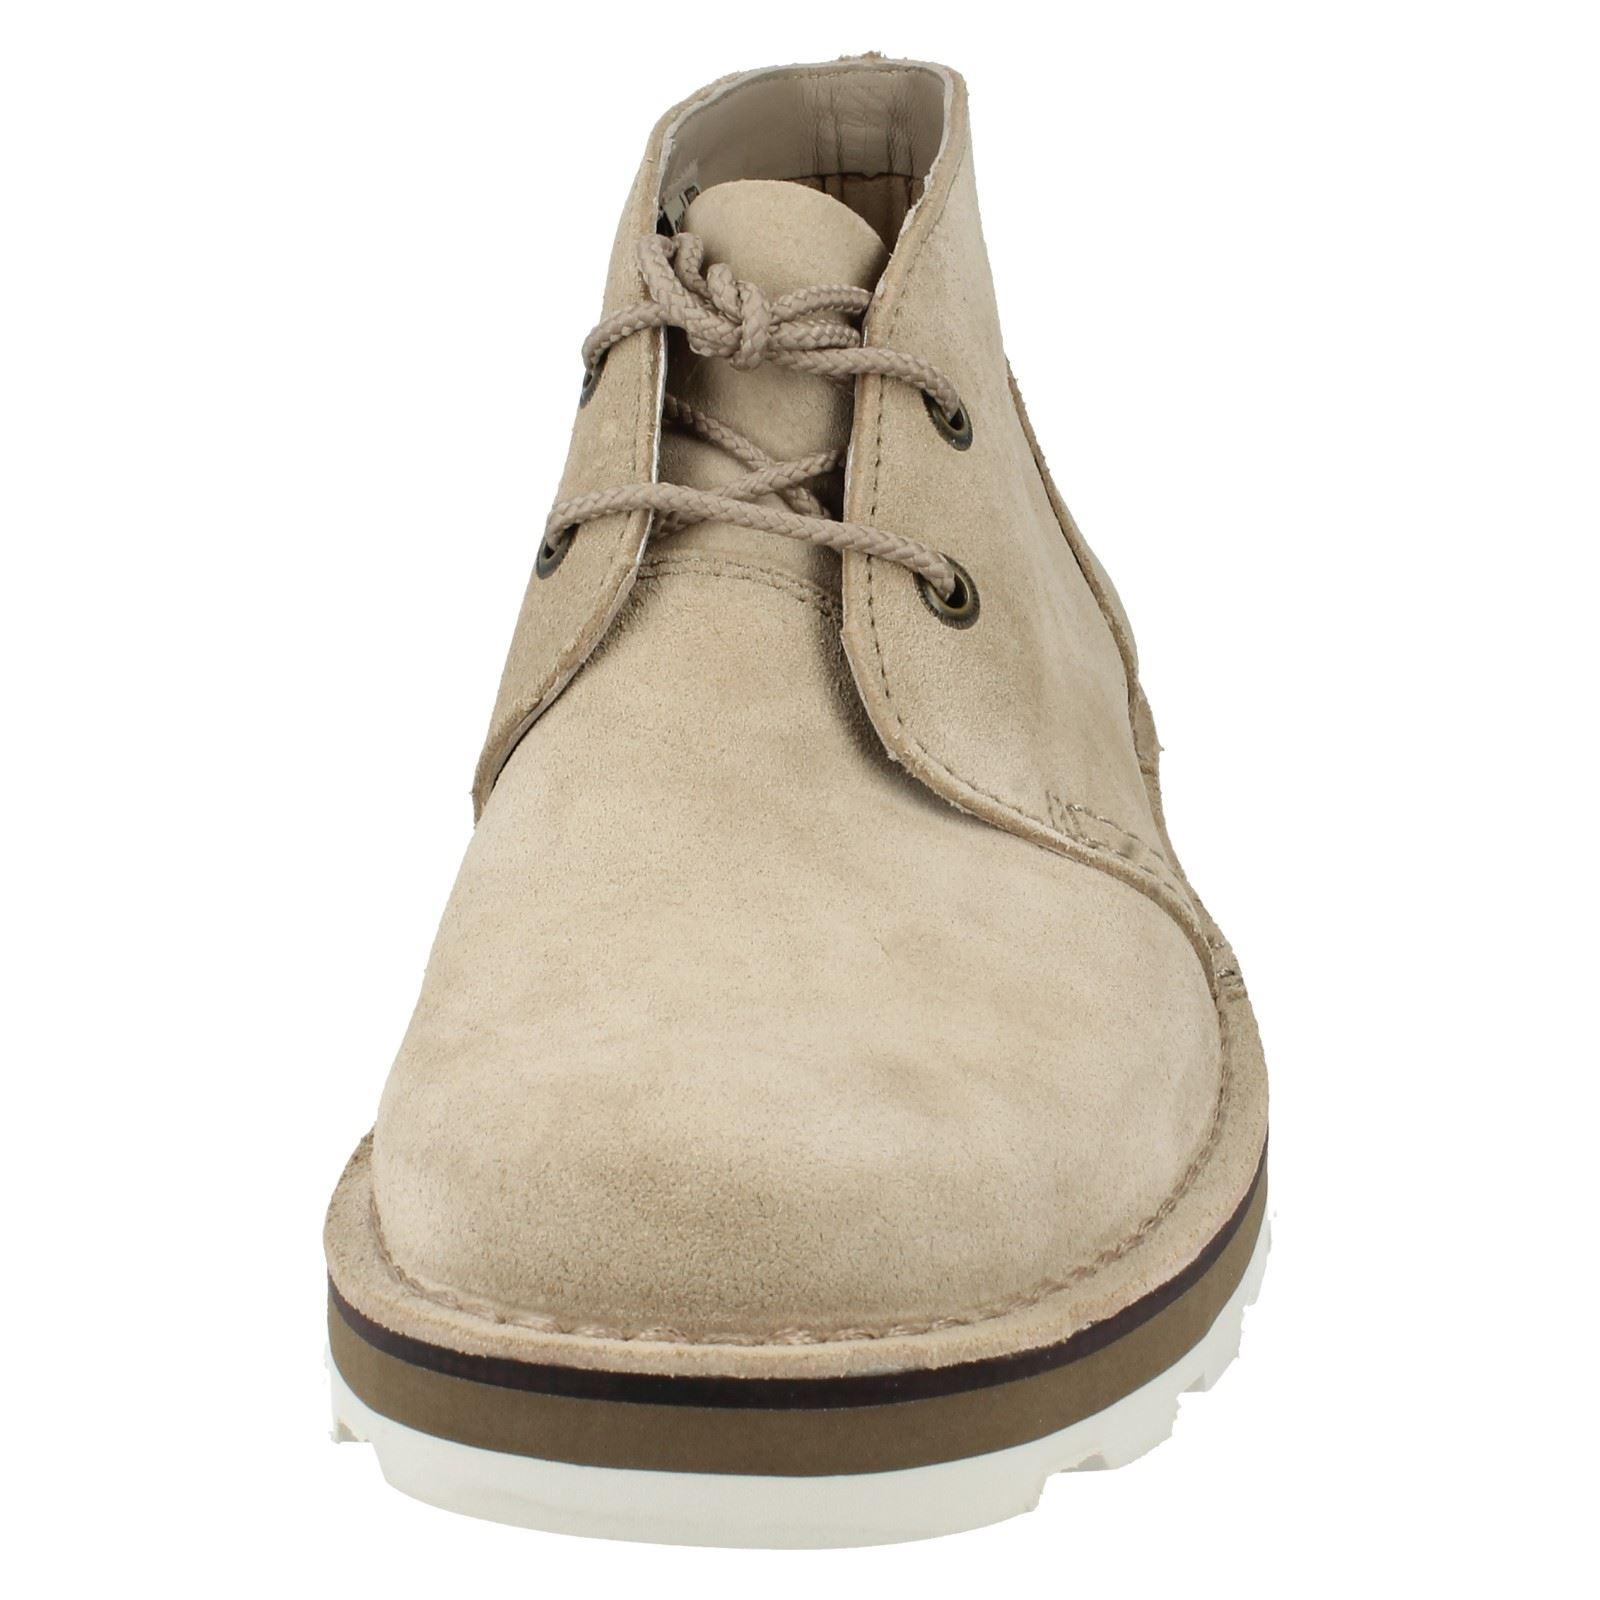 Clarks tobillo ATA de los hombres para arriba el tobillo Clarks botas Lable - Darble mediados 698afc